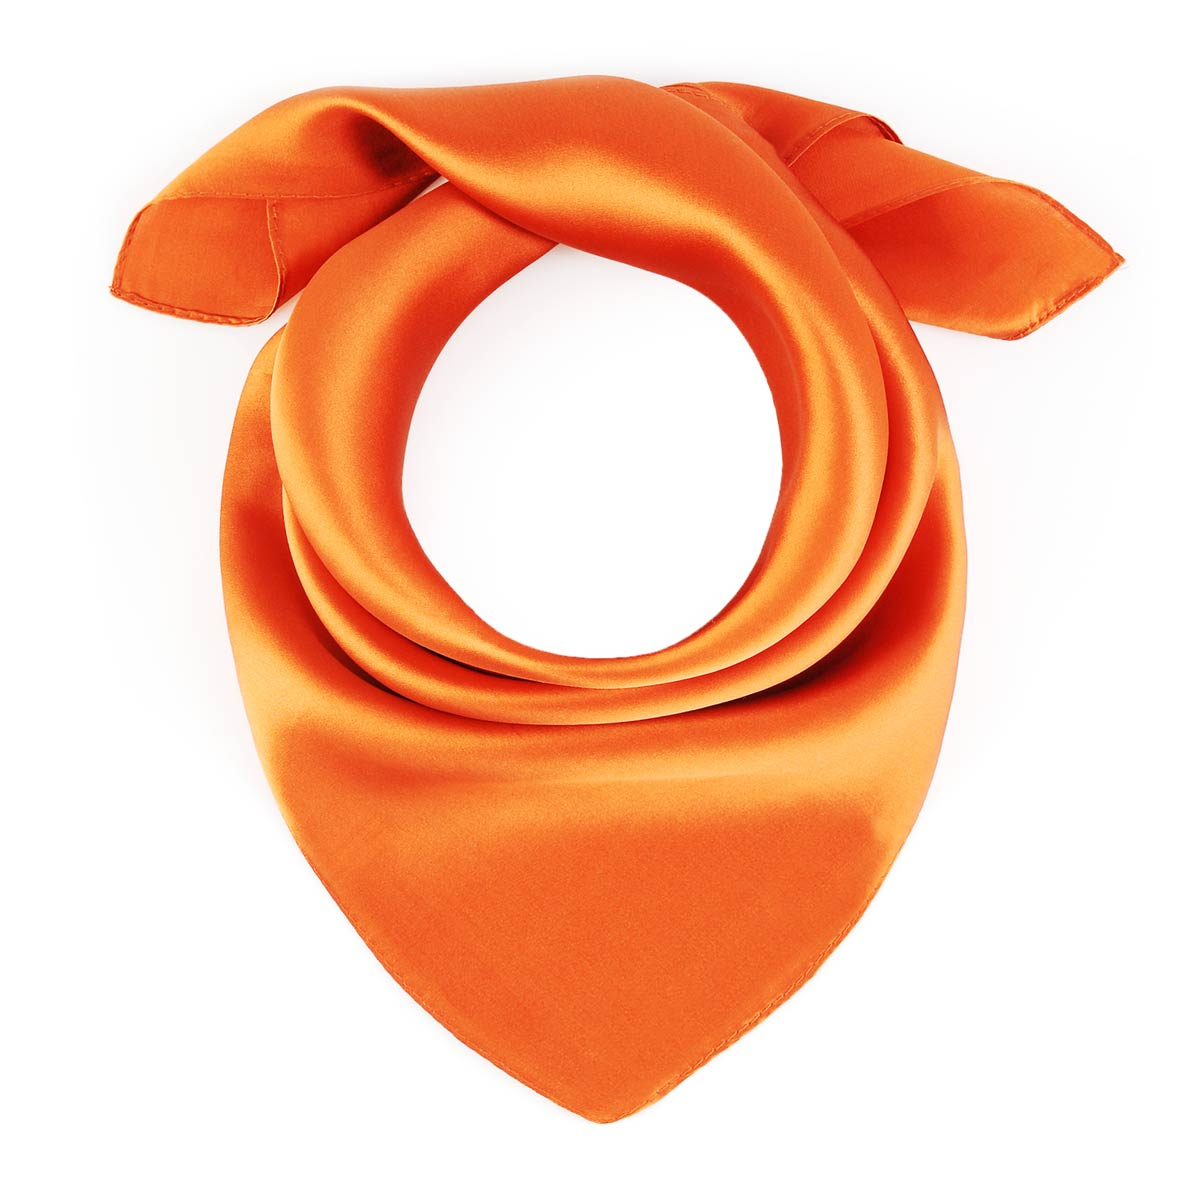 _Carre-de-soie-piccolo-orange-uni